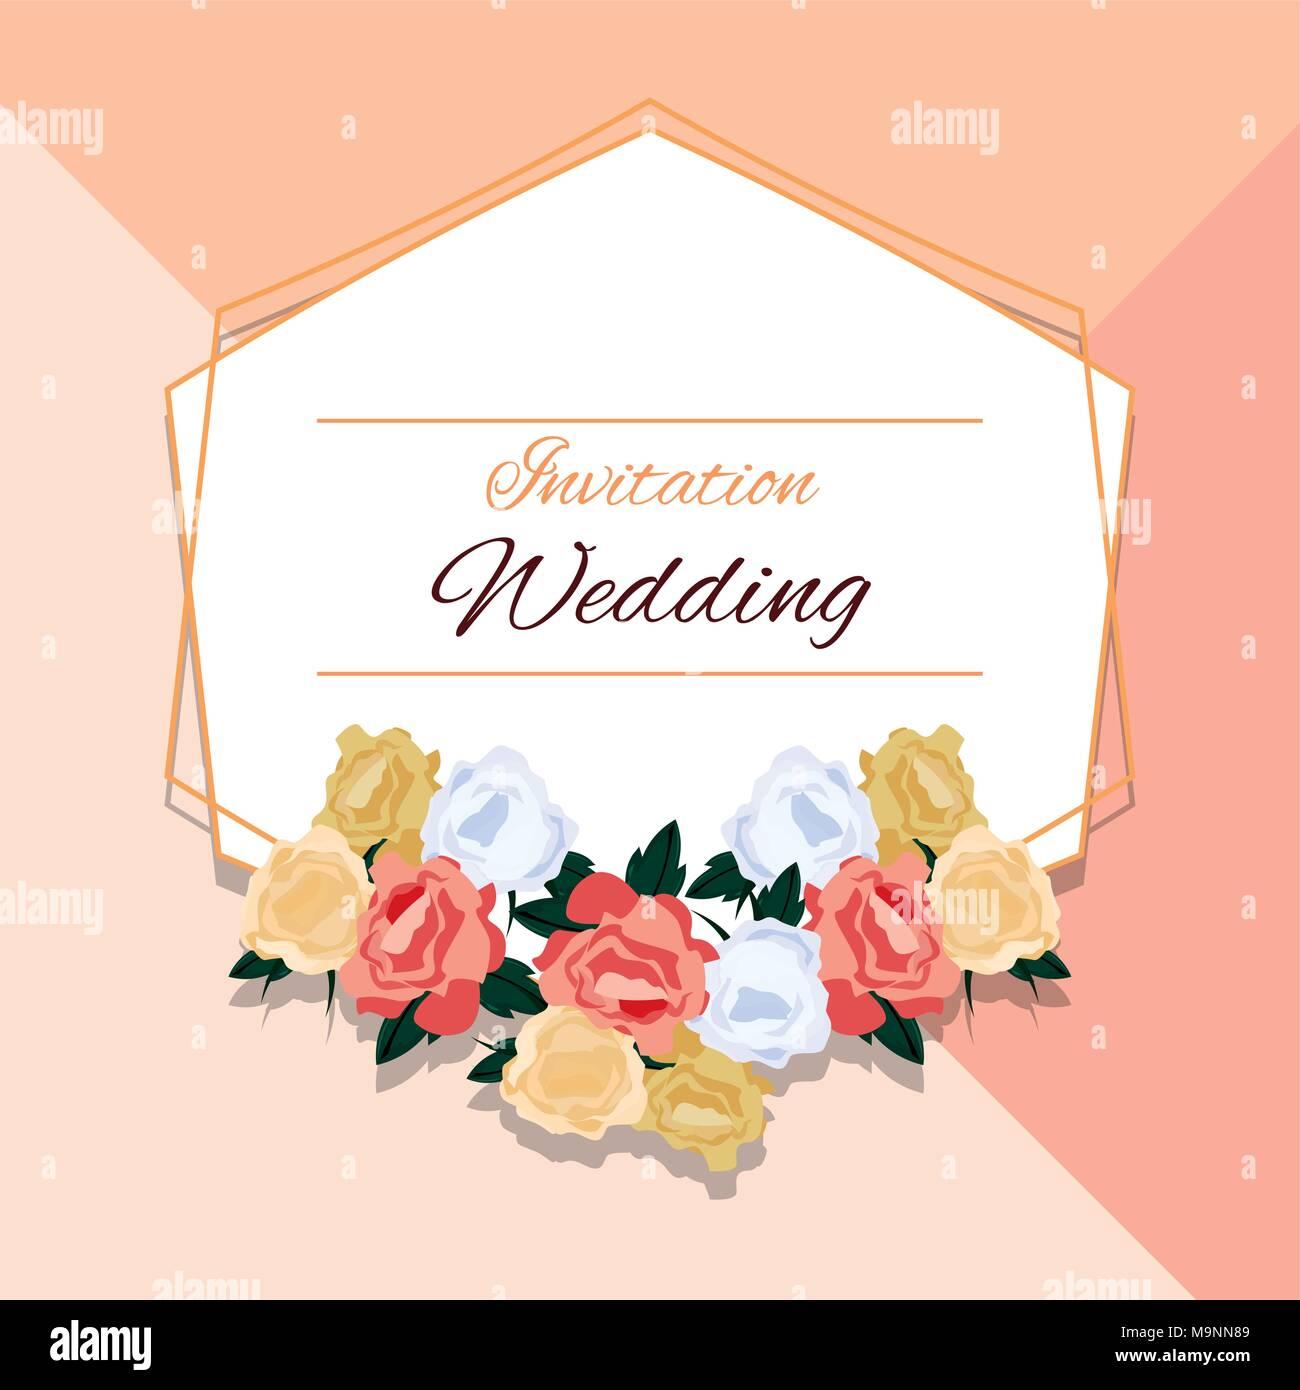 Blumen Hochzeit Einladung Design Mit Schönen Blumen Und Dekorative Rahmen  über Bunten Hintergrund, Vector Illustration